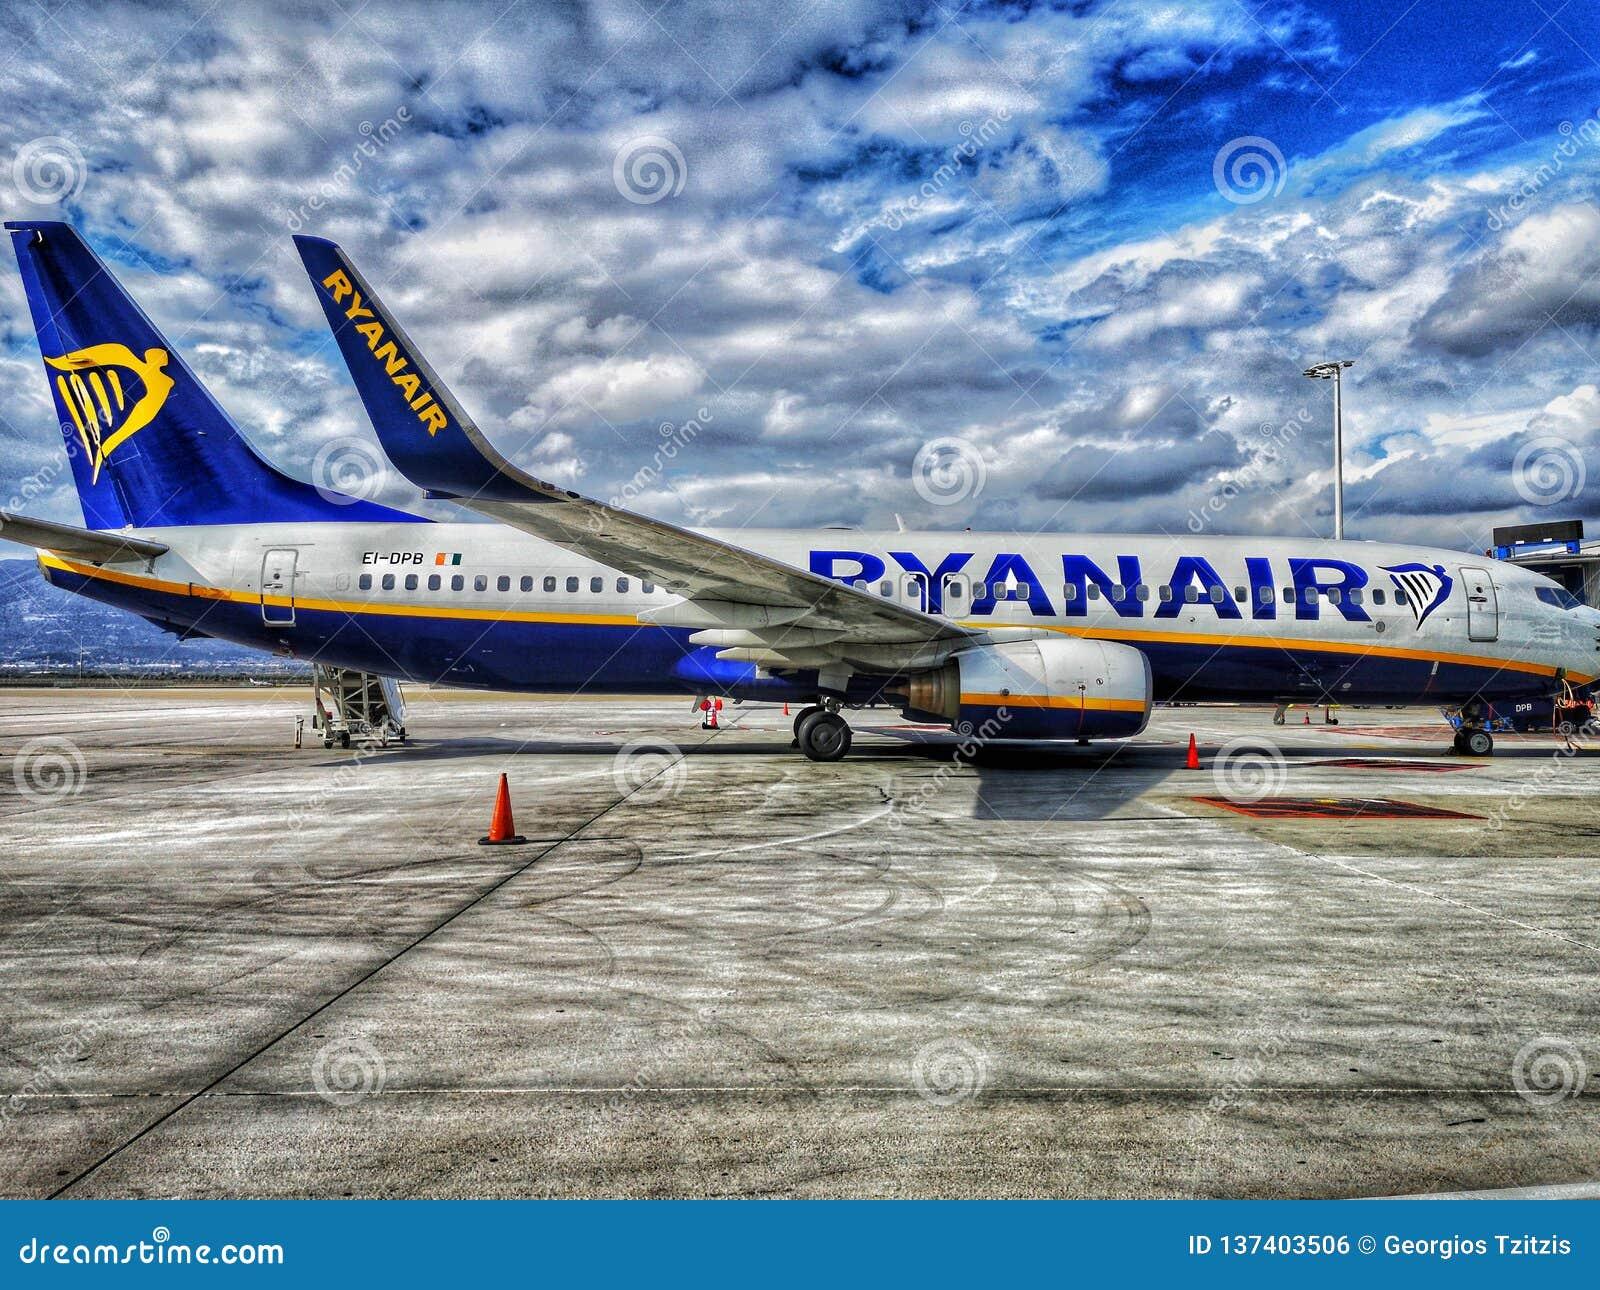 Το venizelo eleytherios αερολιμένων της Αθήνας, ryanair αεροπλάνο, σταθμεύουν